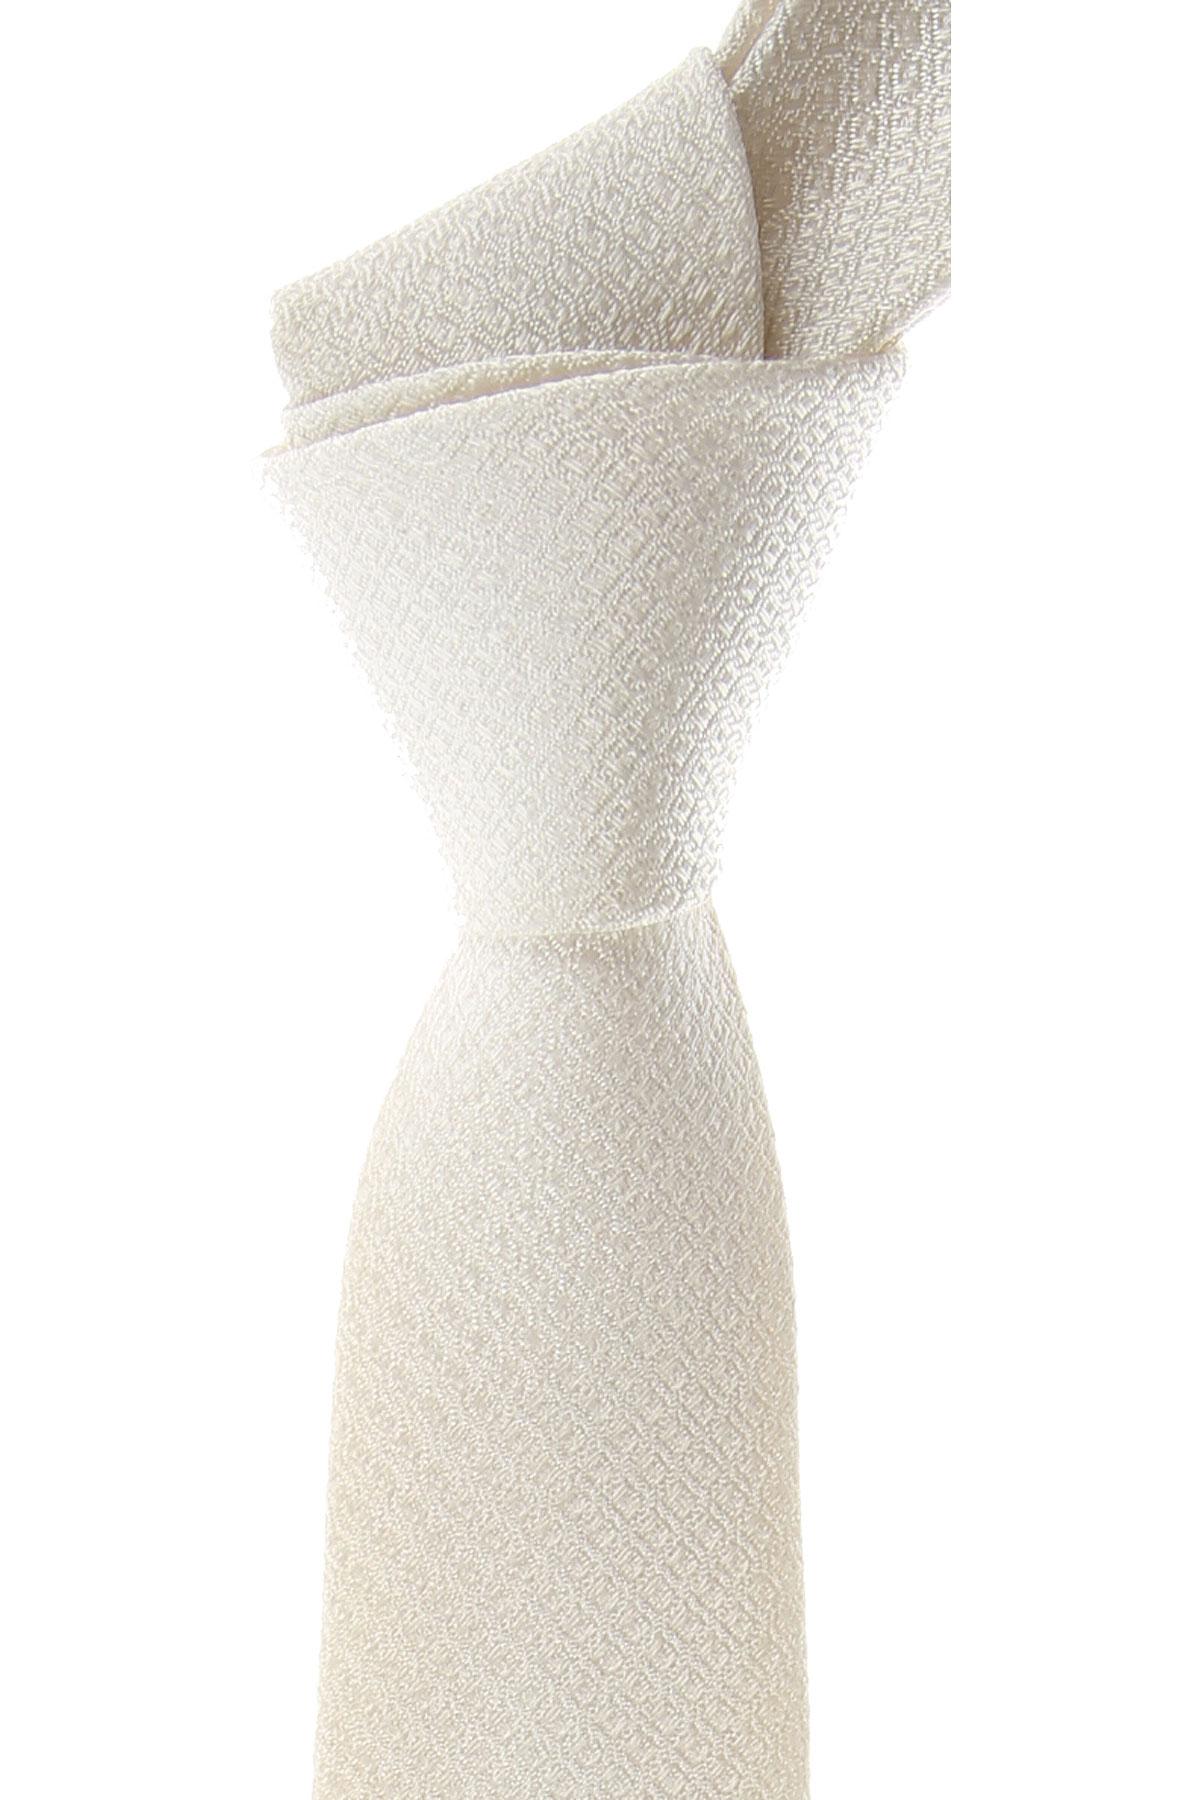 Dolce & Gabbana Cravates Pas cher en Soldes, Blanc, 2021